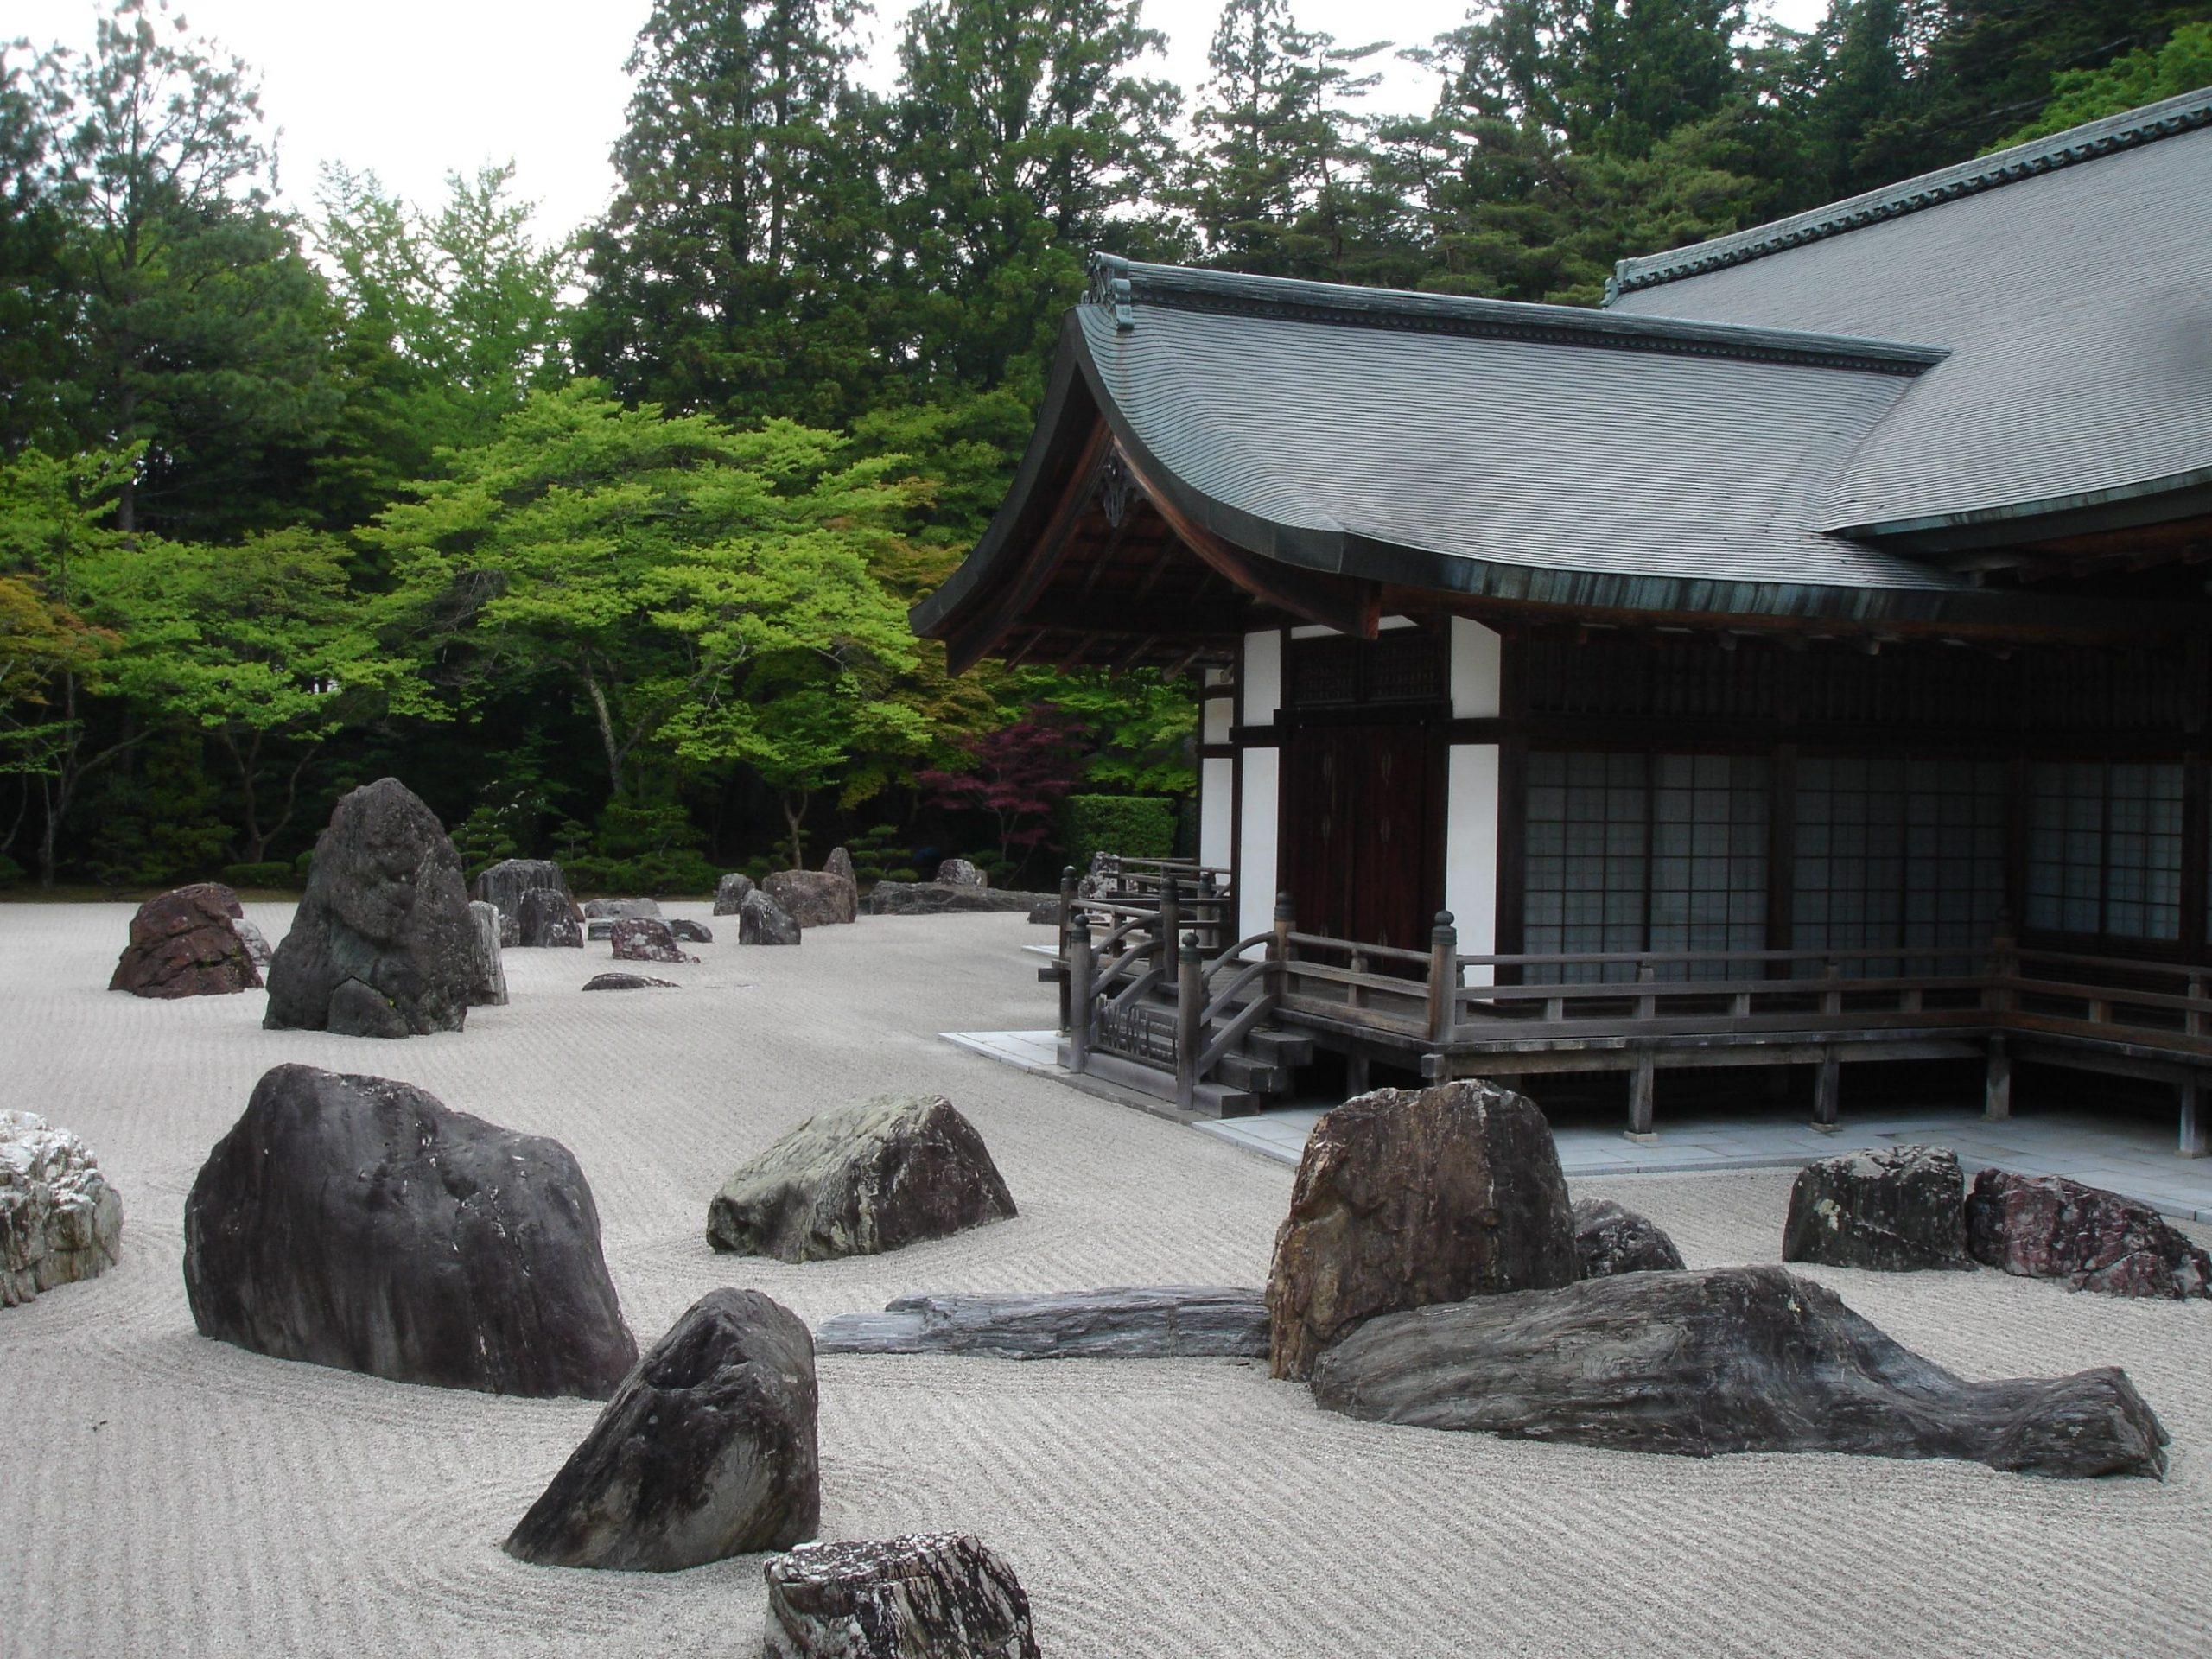 Comment Faire Un Jardin Zen De Bureau Japonais De Roche De ... serapportantà Faire Un Jardin Zen